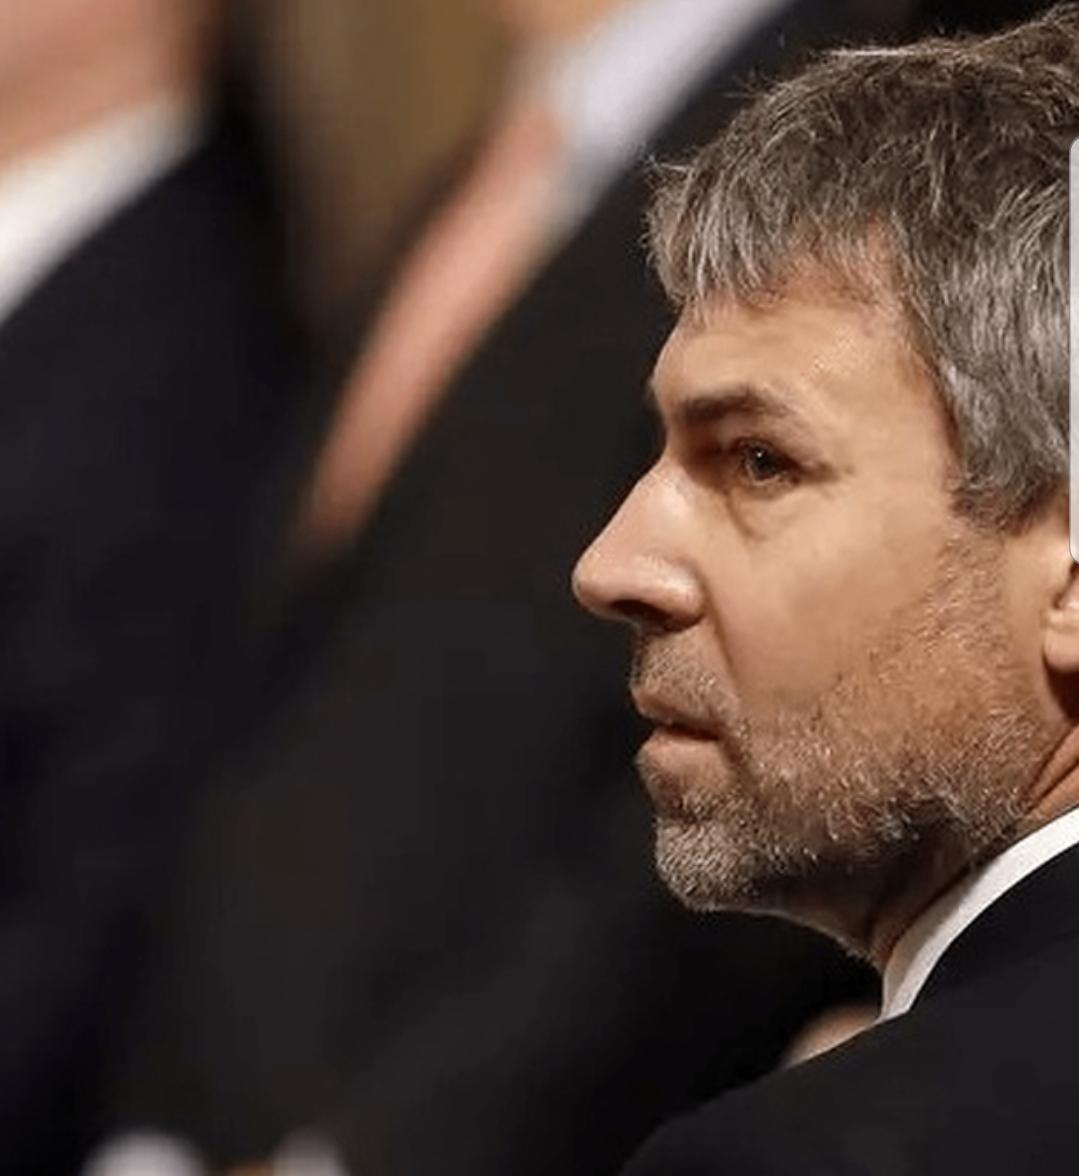 A murit patronul PRO TV. Petr Kellner s-a prăbușit cu elicopterul